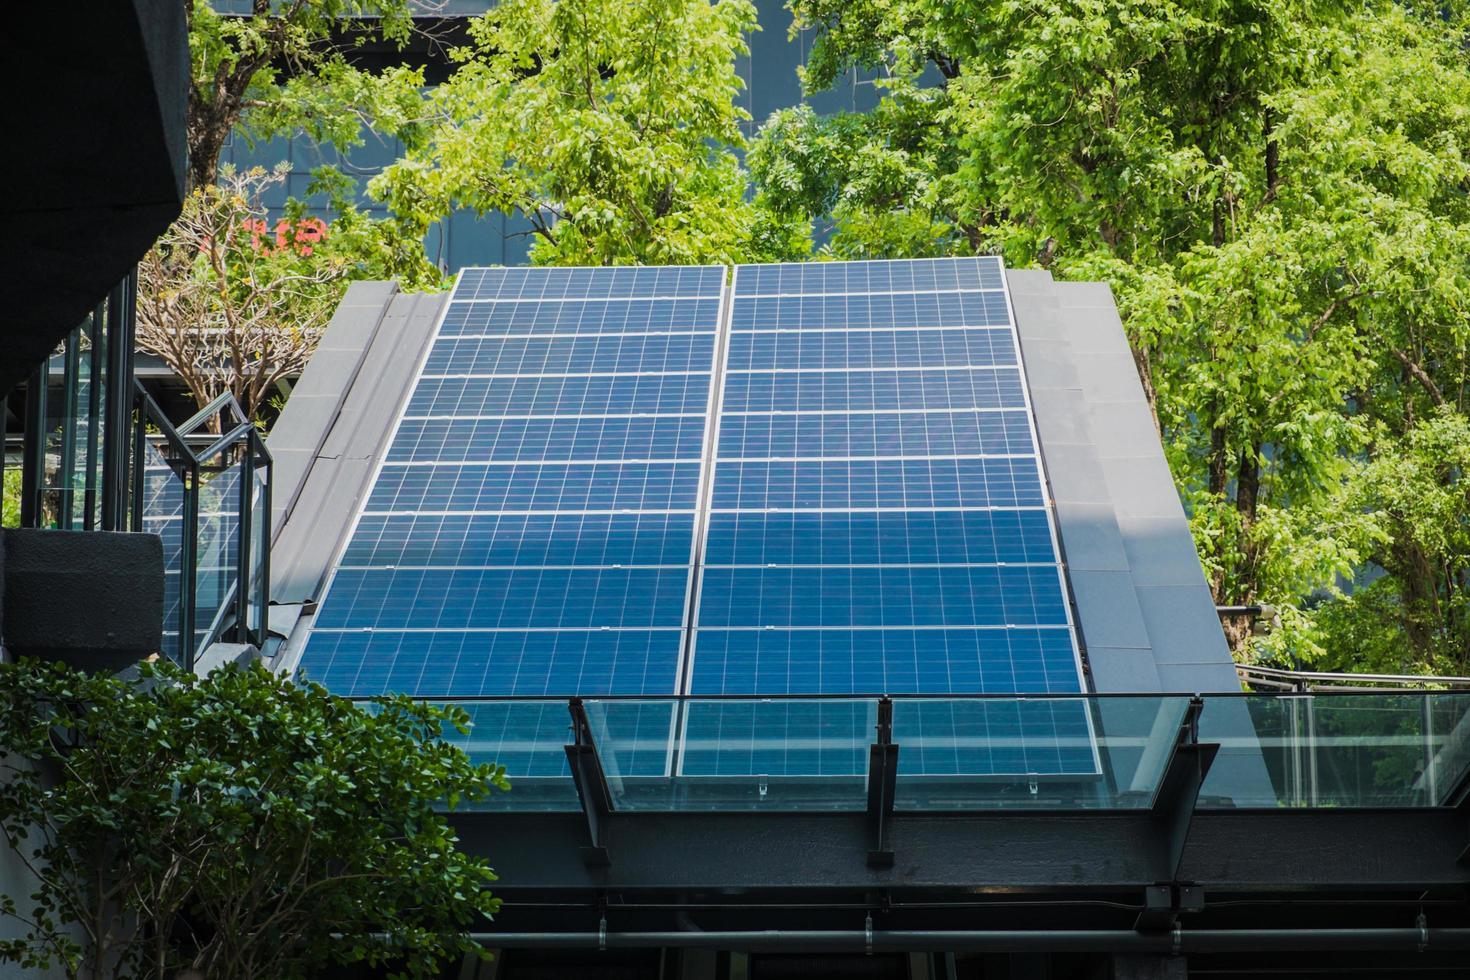 pannelli solari installati sul tetto moderno foto